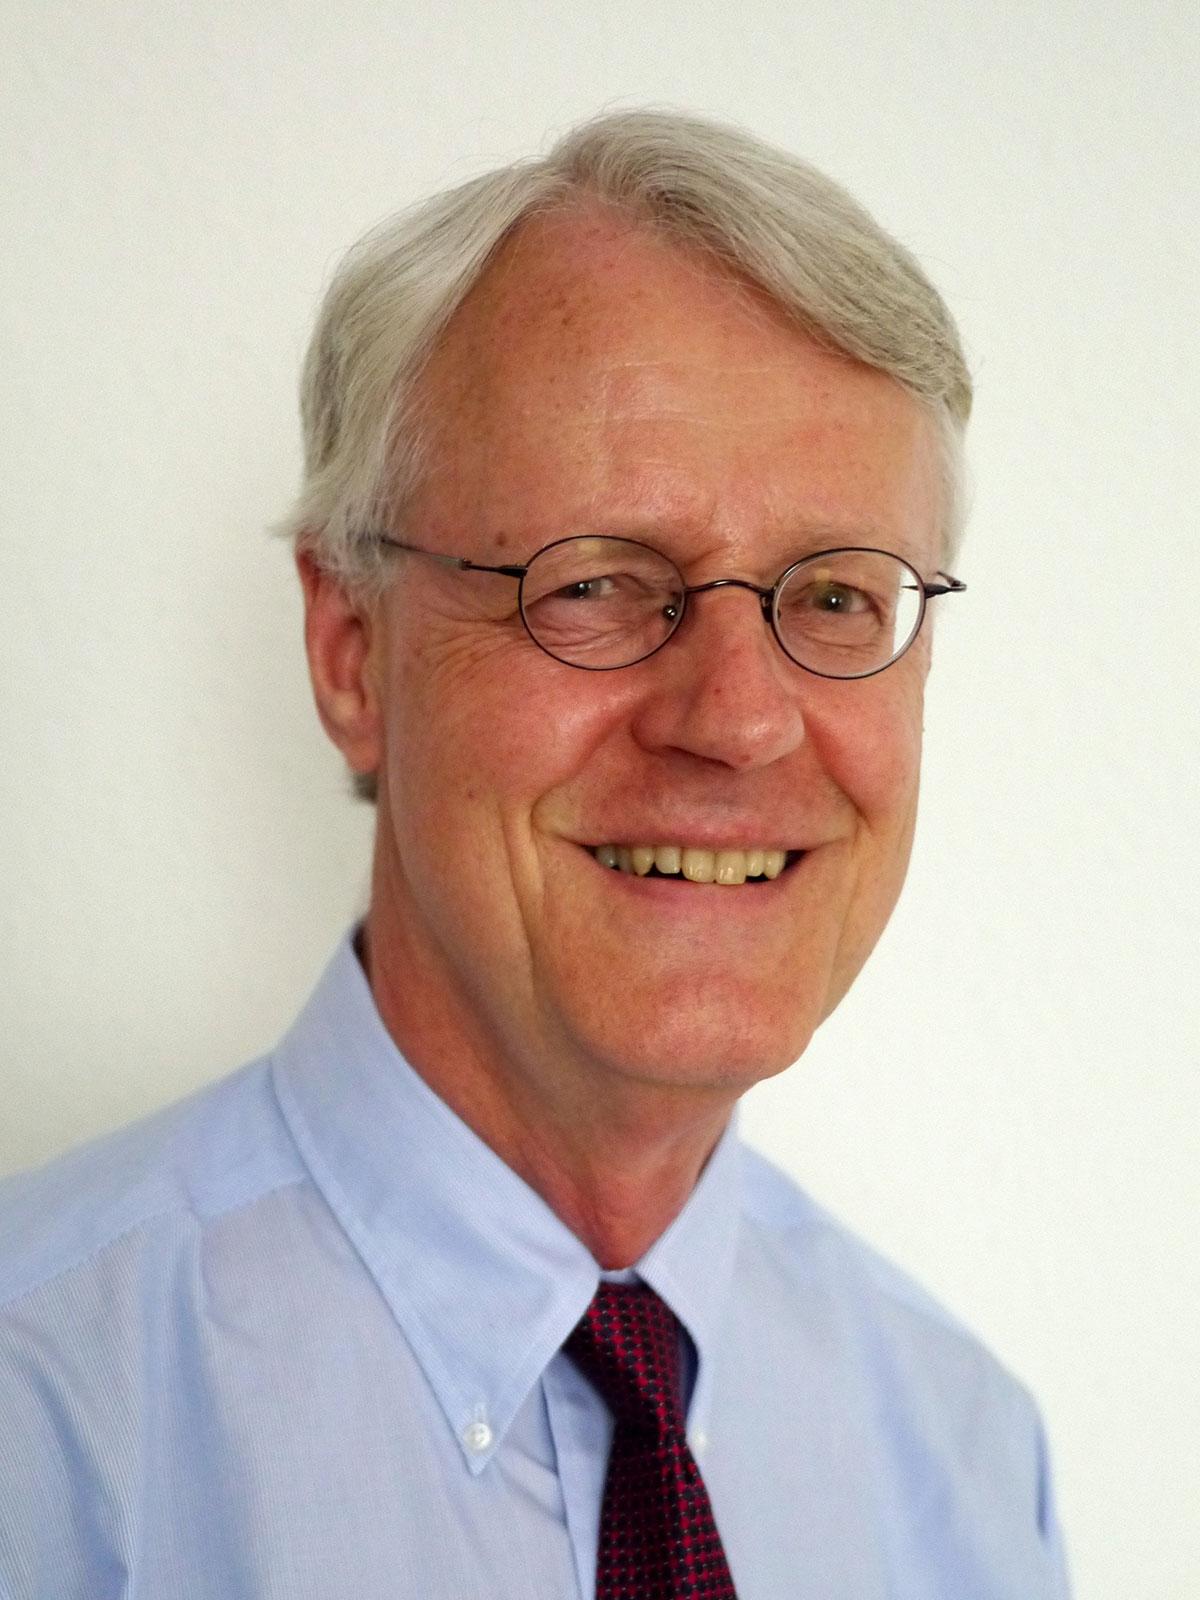 Jürgen Reitmaier